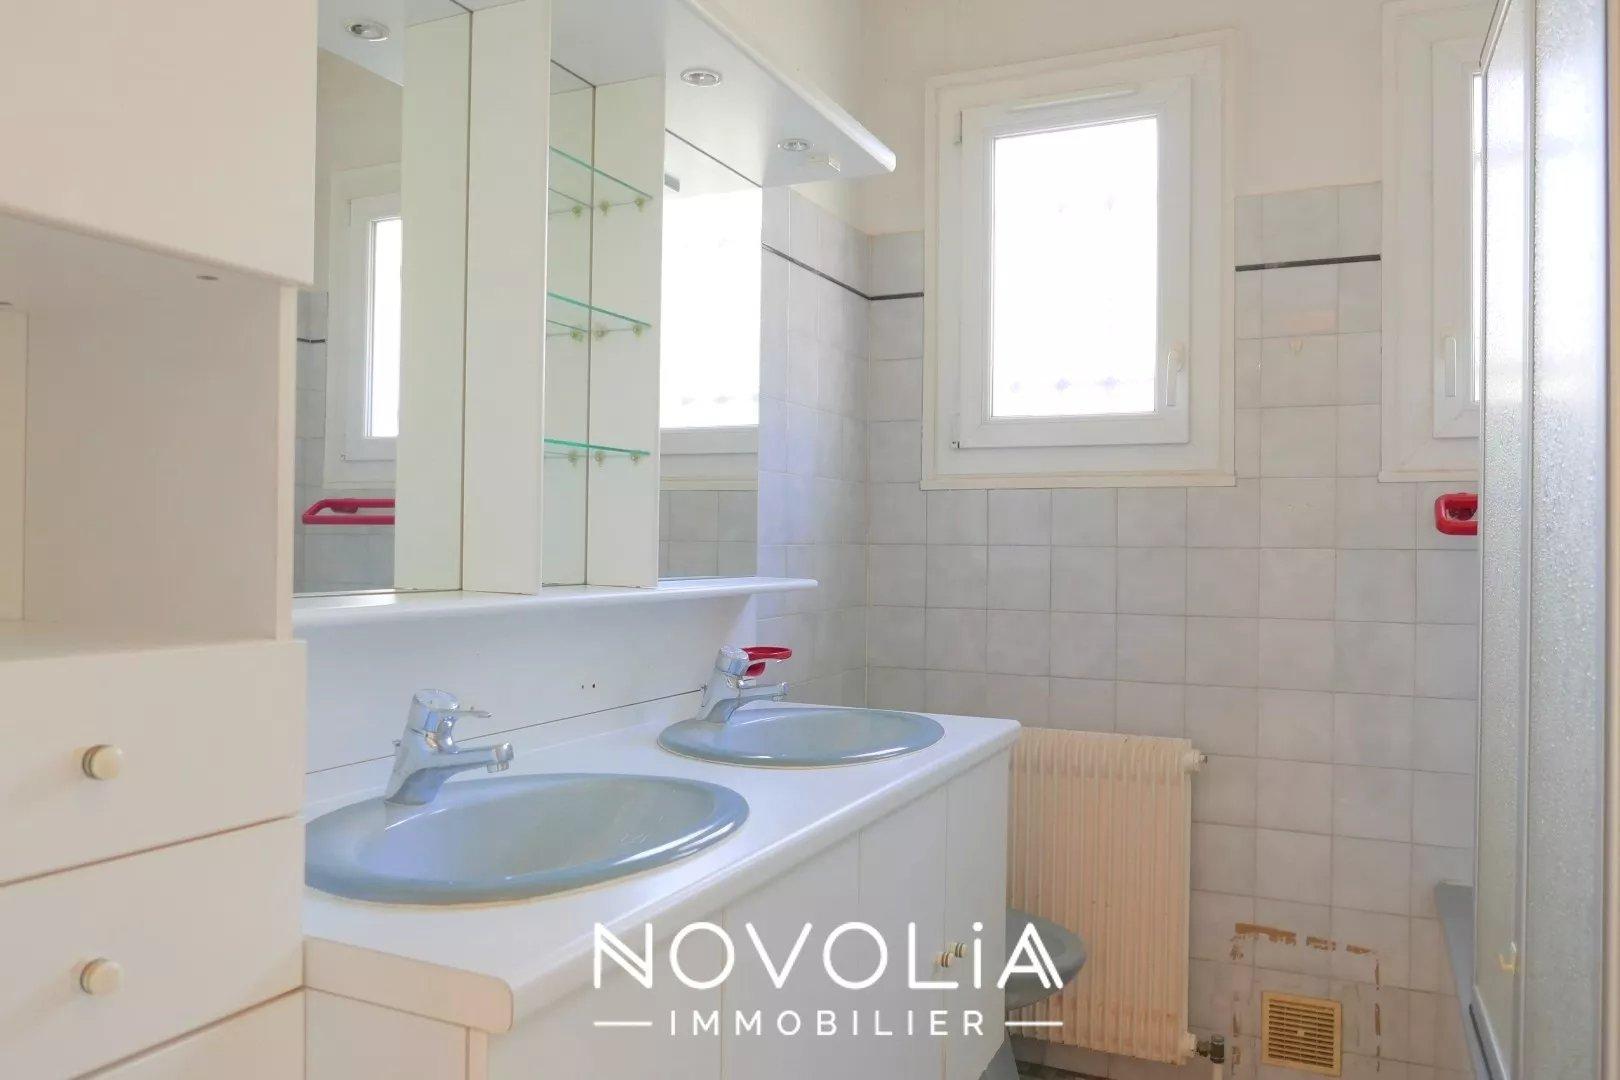 Achat Appartement, Surface de 90.49 m²/ Total carrez : 90.49 m², 4 pièces, Lyon 3ème (69003)